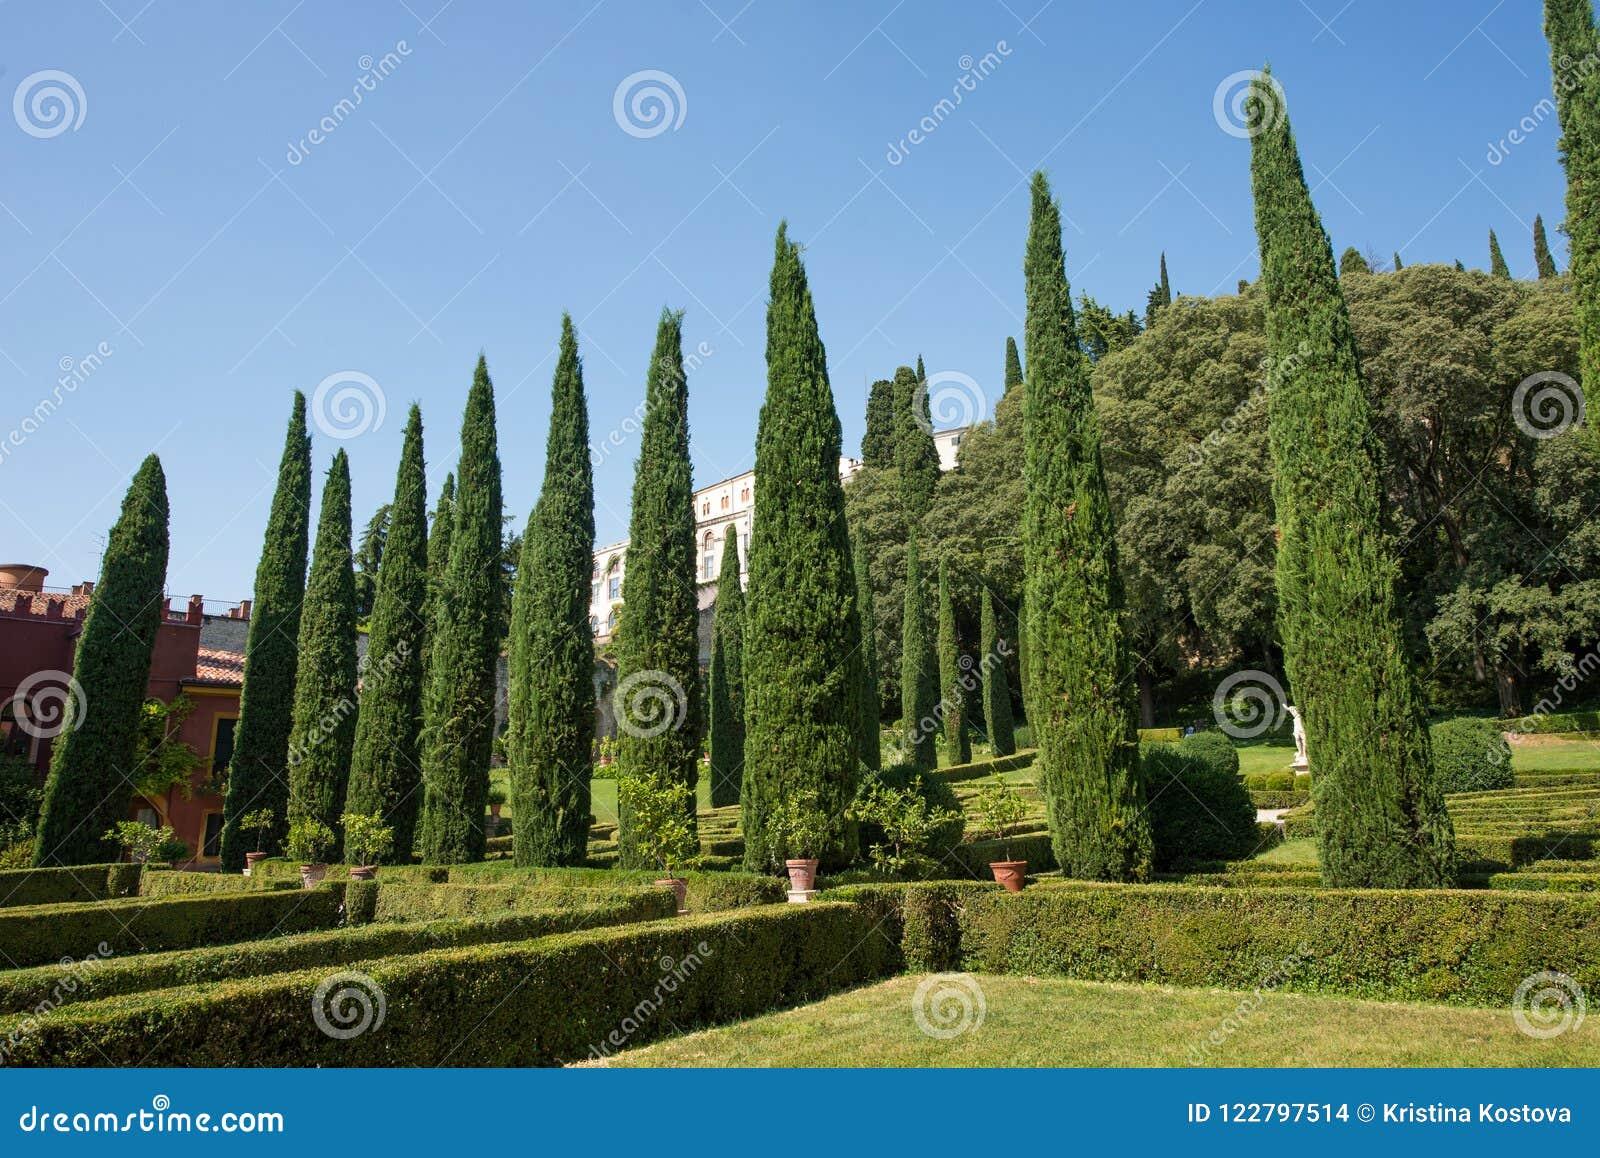 Giusti gardens verona italy tall cypress trees stock photo